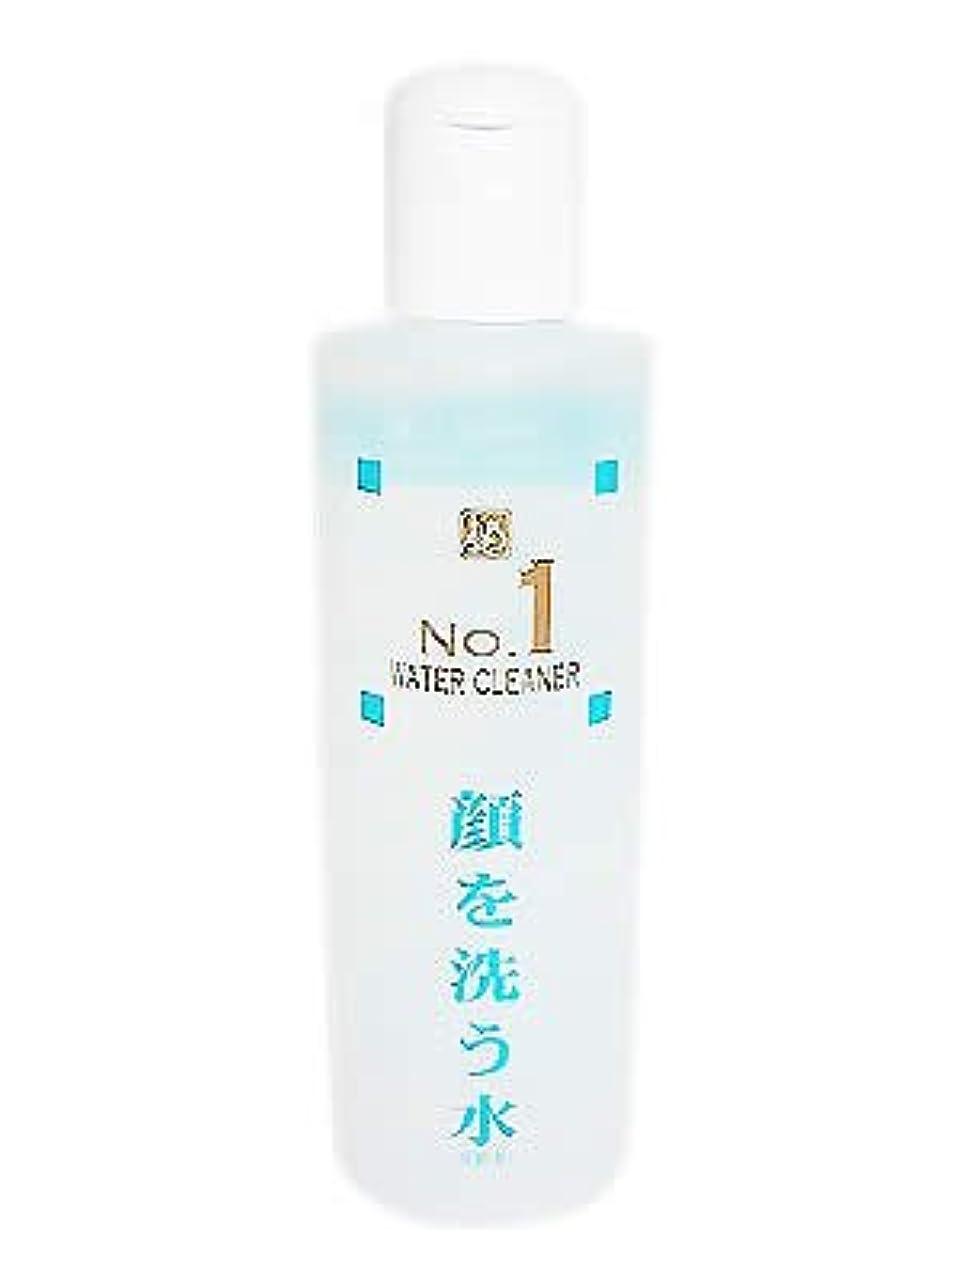 ダイヤモンド舌な脊椎顔を洗う水 No.1 ウォータークリーナー 洗顔化粧水 500ml